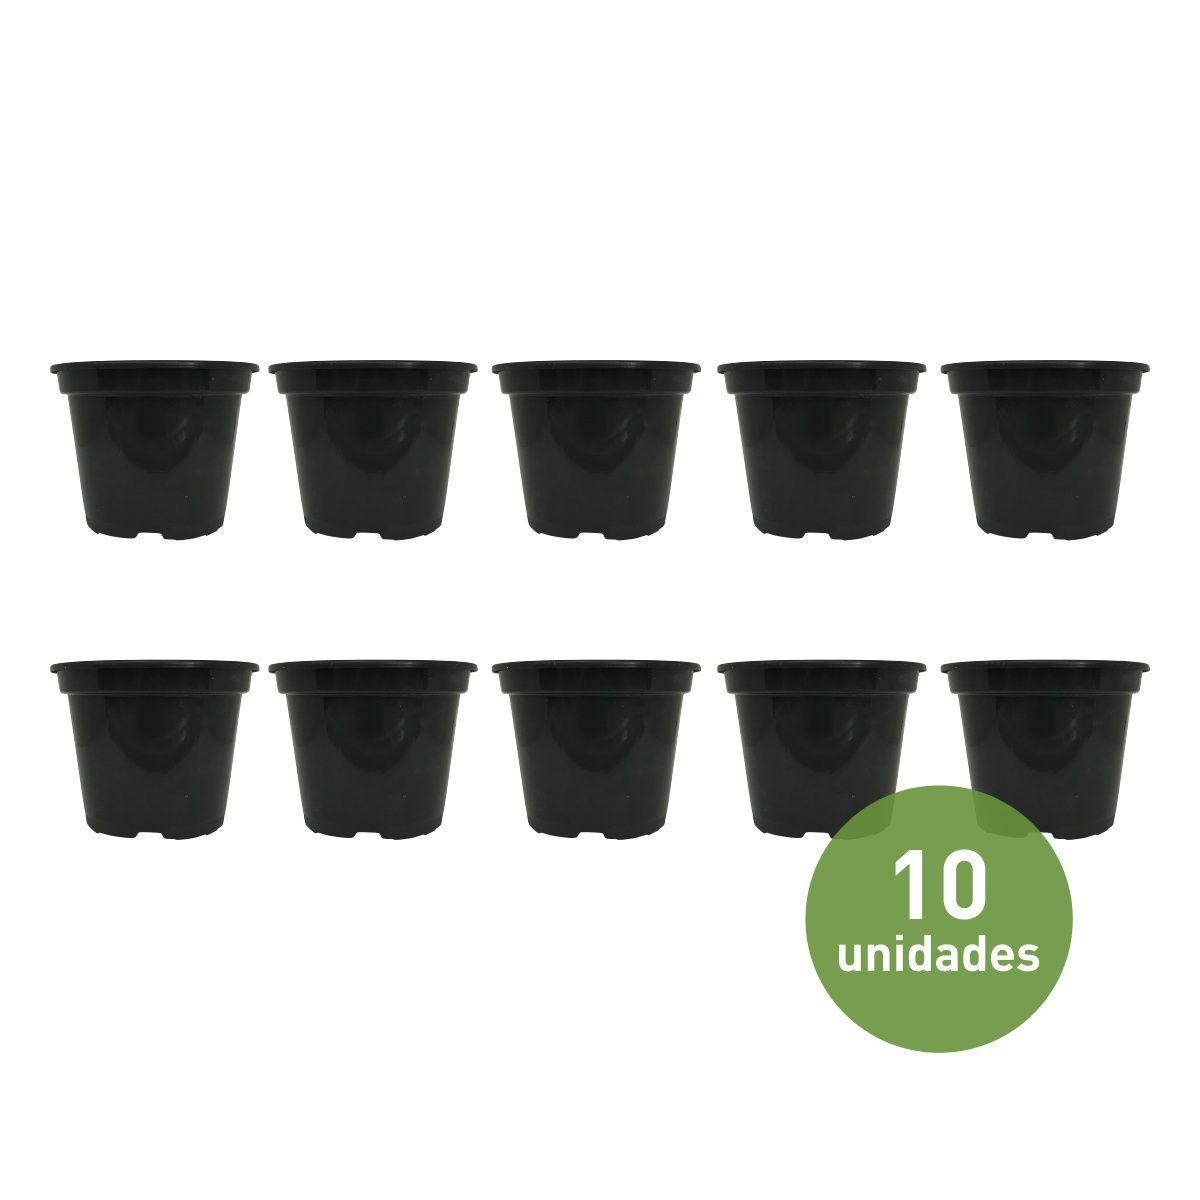 Vaso de Planta Preto 11cm x 14cm tamanho 15 - Kit com 10 unidades